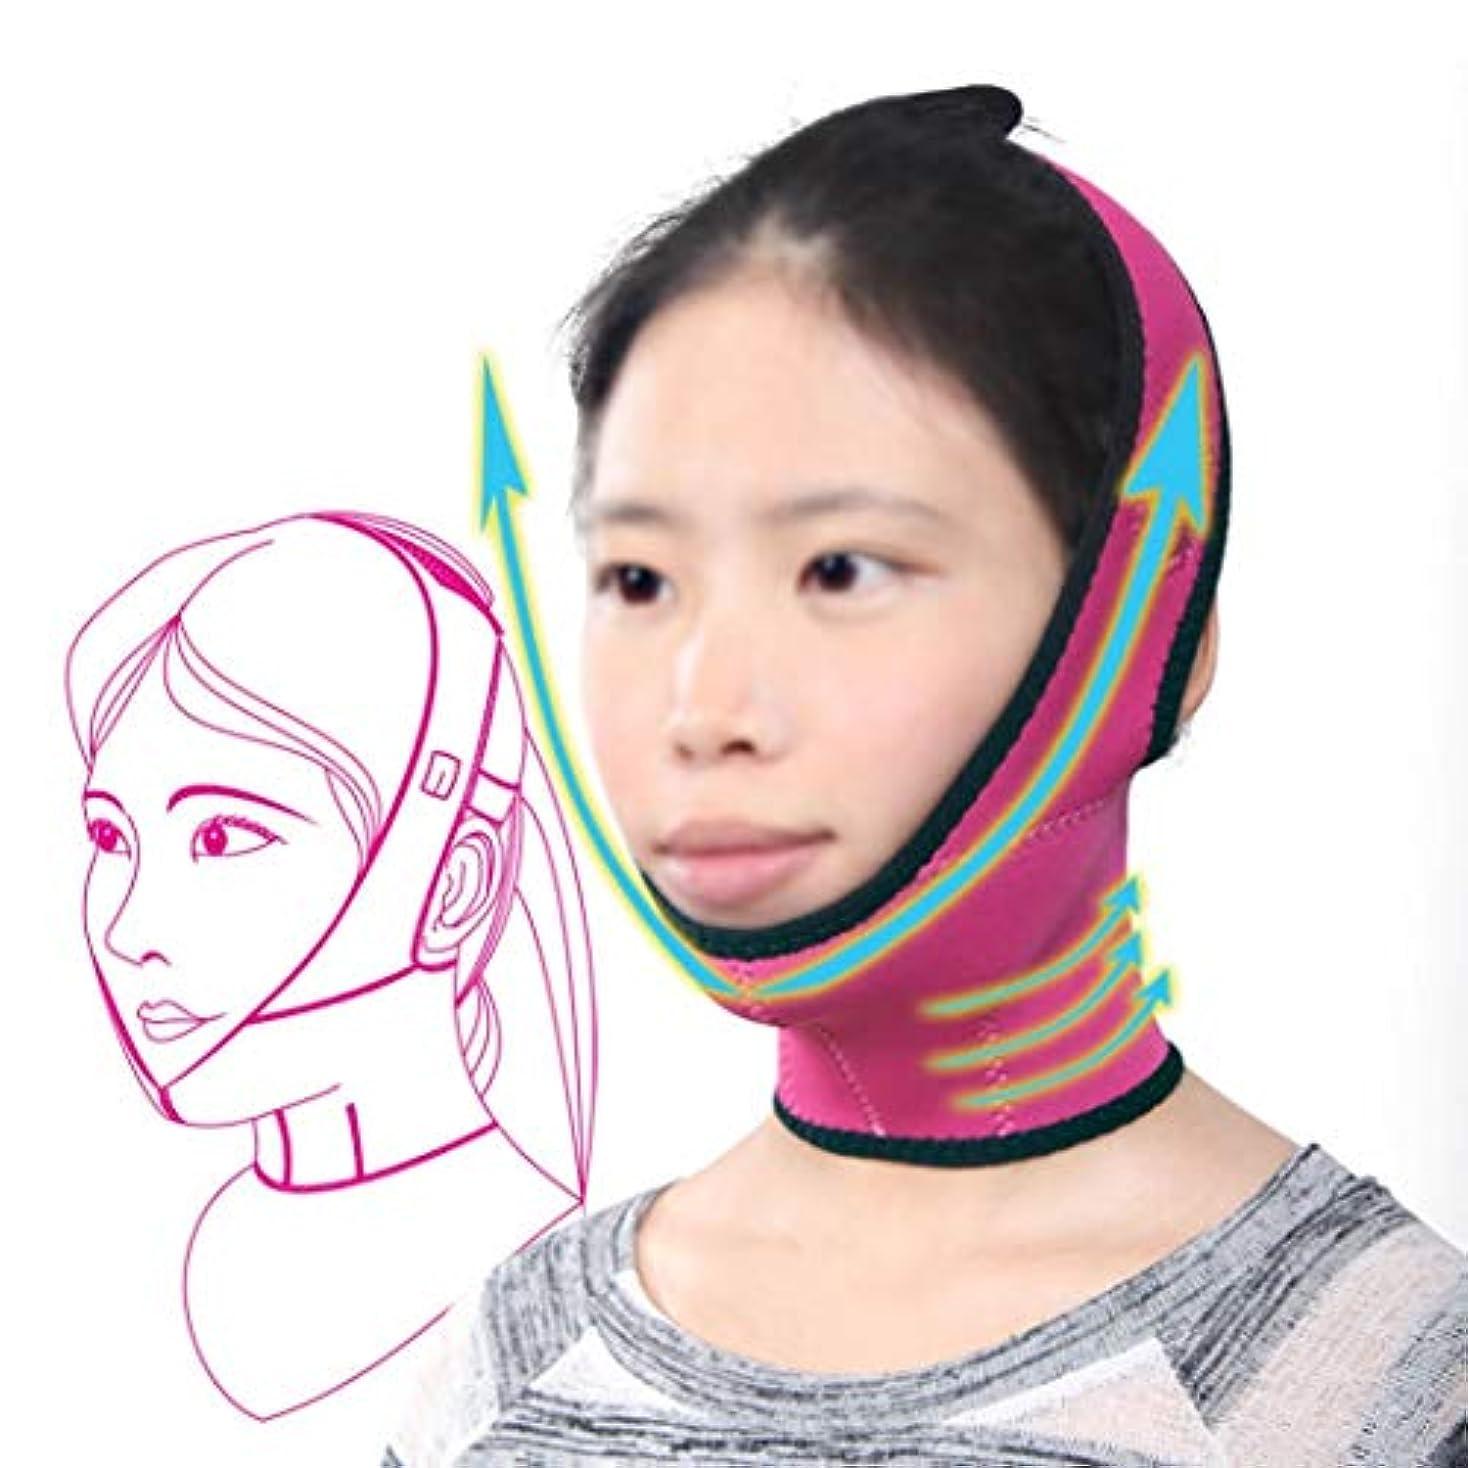 つかの間ケーブル主張するXHLMRMJ フェイスリフトマスク、痩身ベルトフェイスマスク強力なリフティング小さなV顔薄い顔包帯美容フェイスリフティング顔小さな顔薄い顔マスク